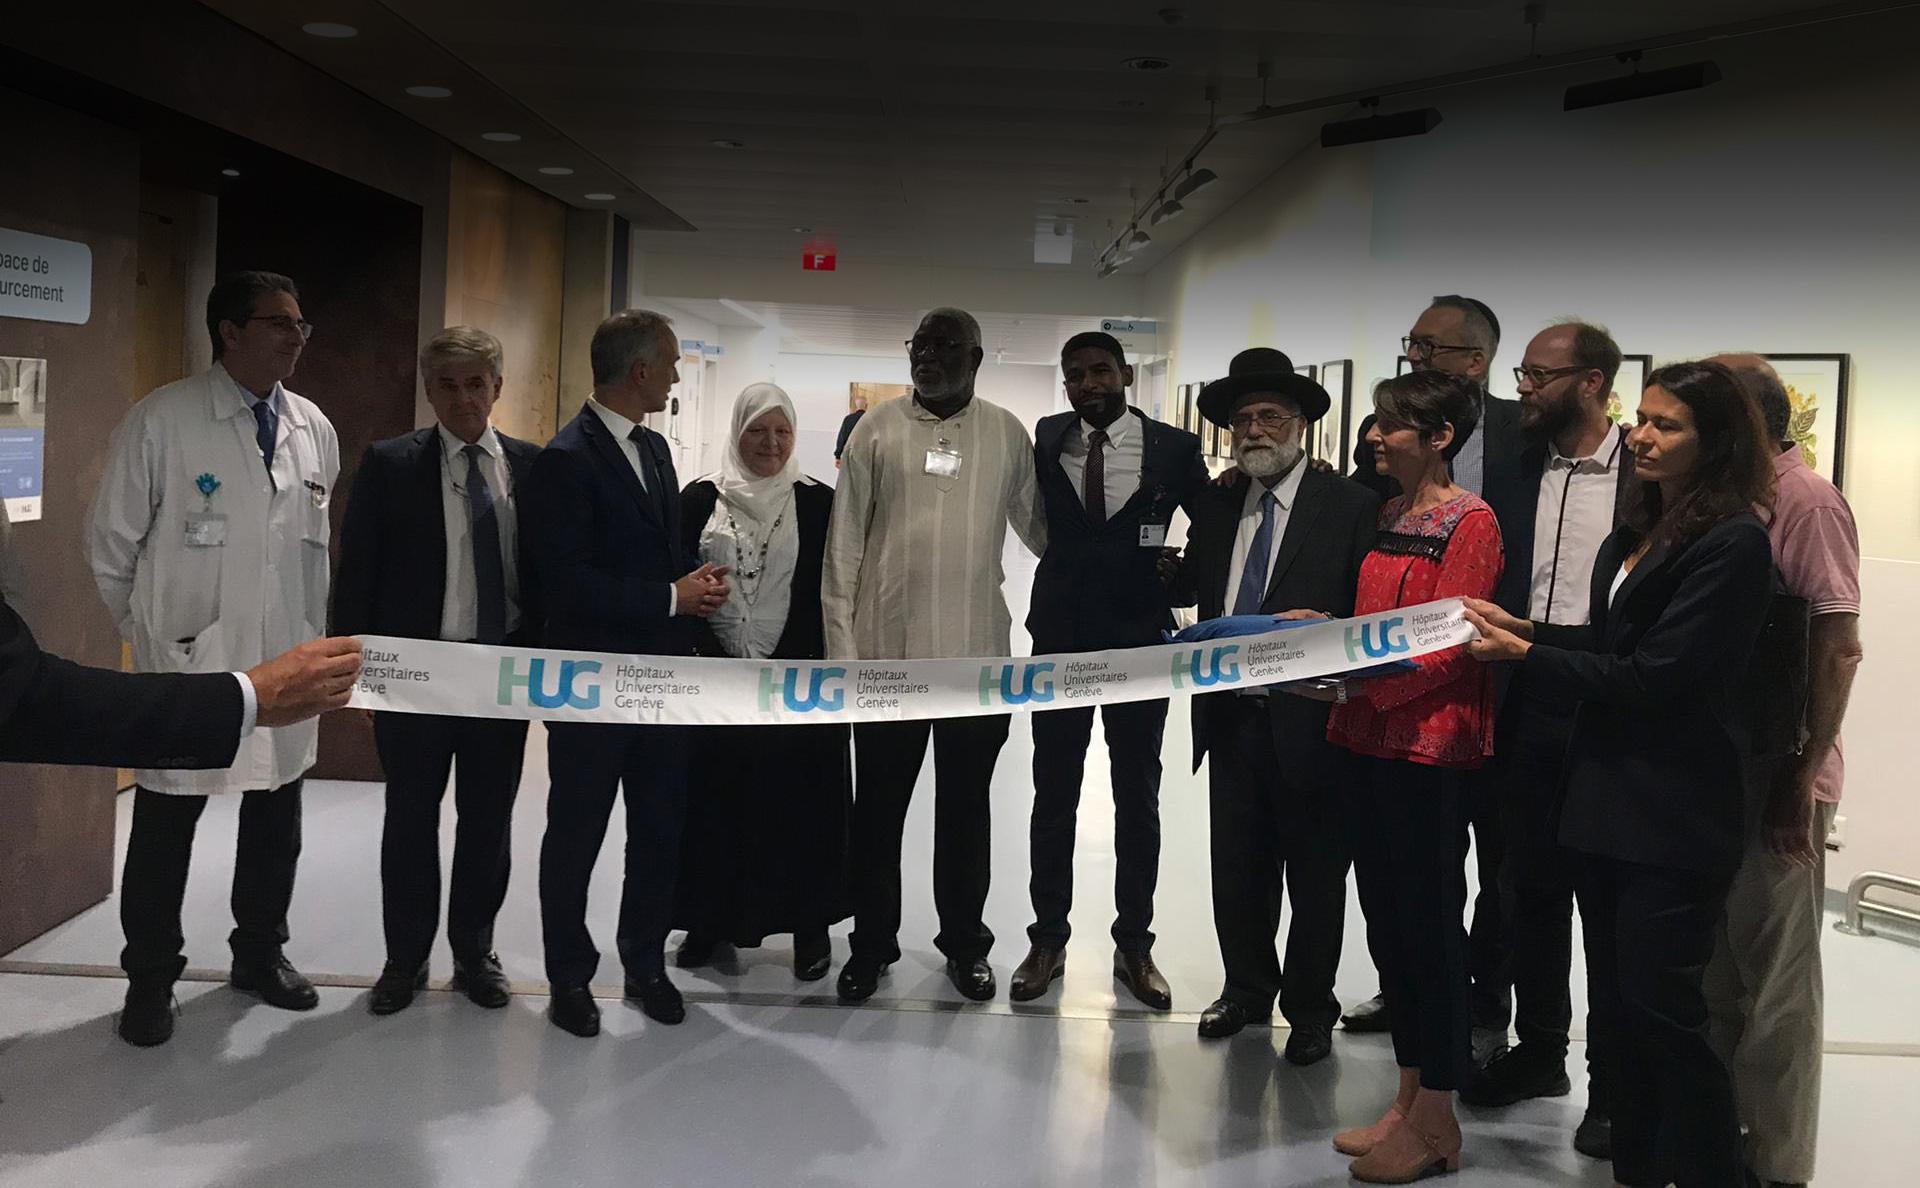 Inauguration du nouvel espace de ressourcement – recueillement du bâtiment principal (HUG).